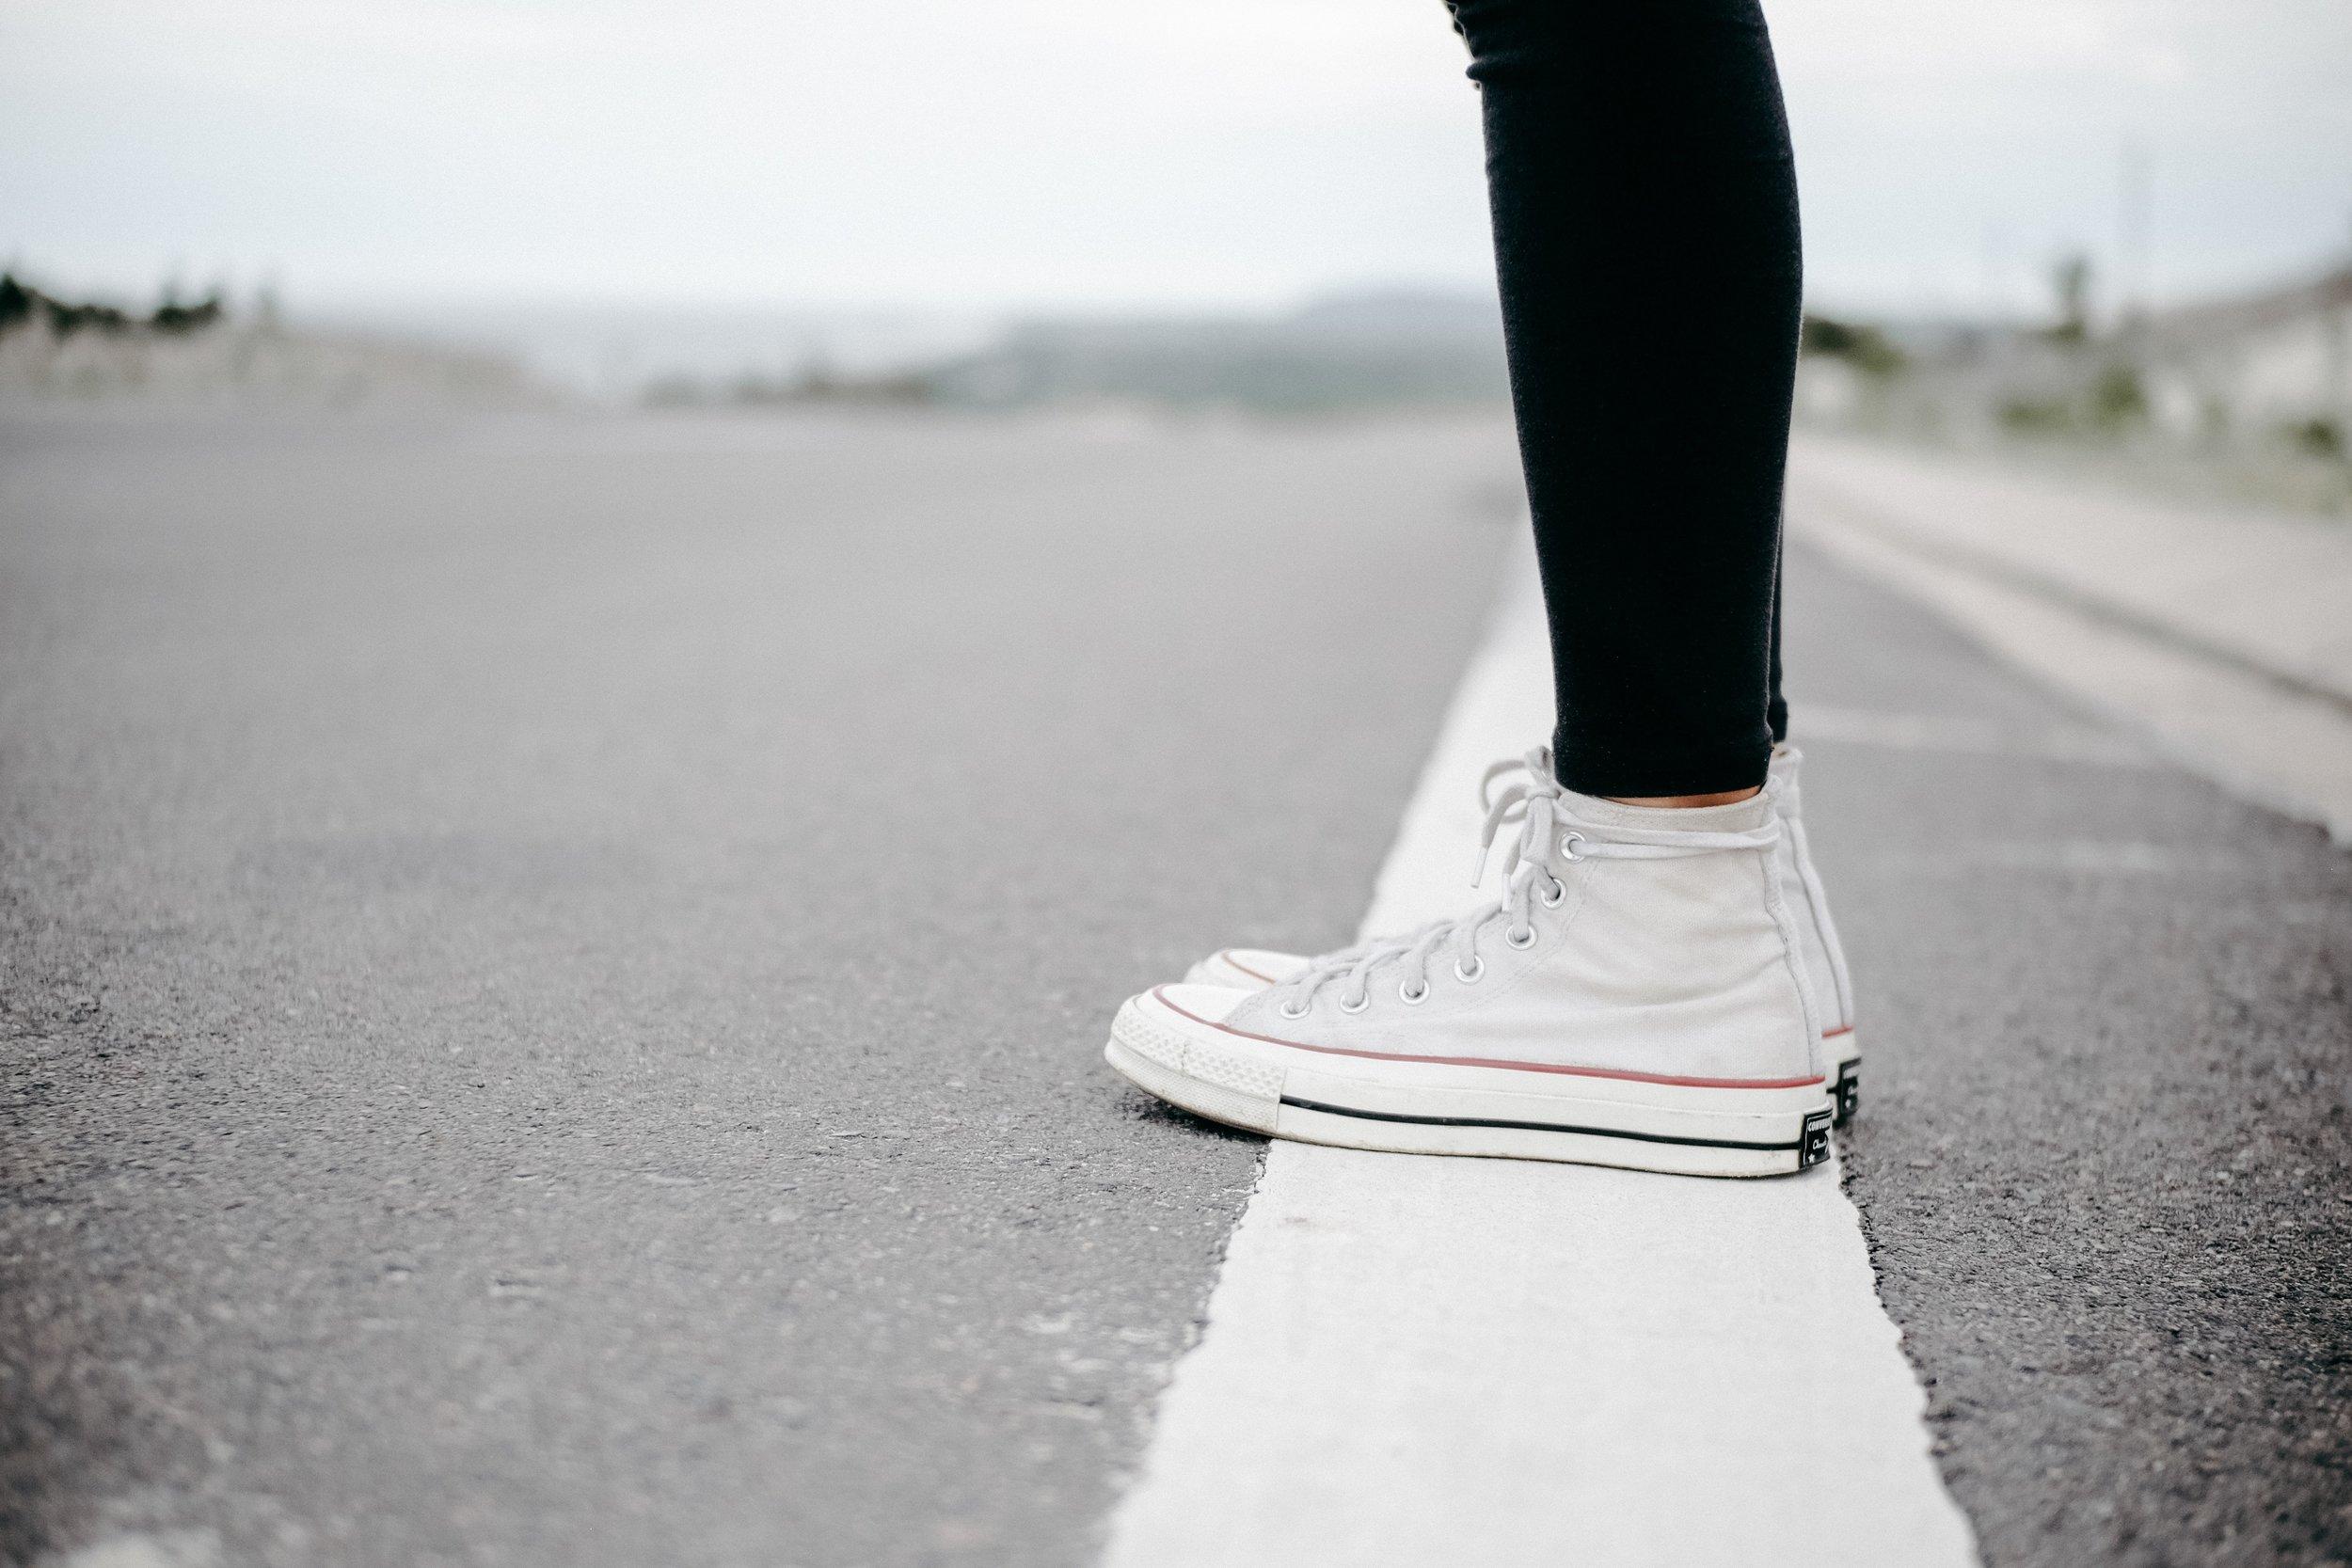 asphalt-blur-chucks-1477538.jpg